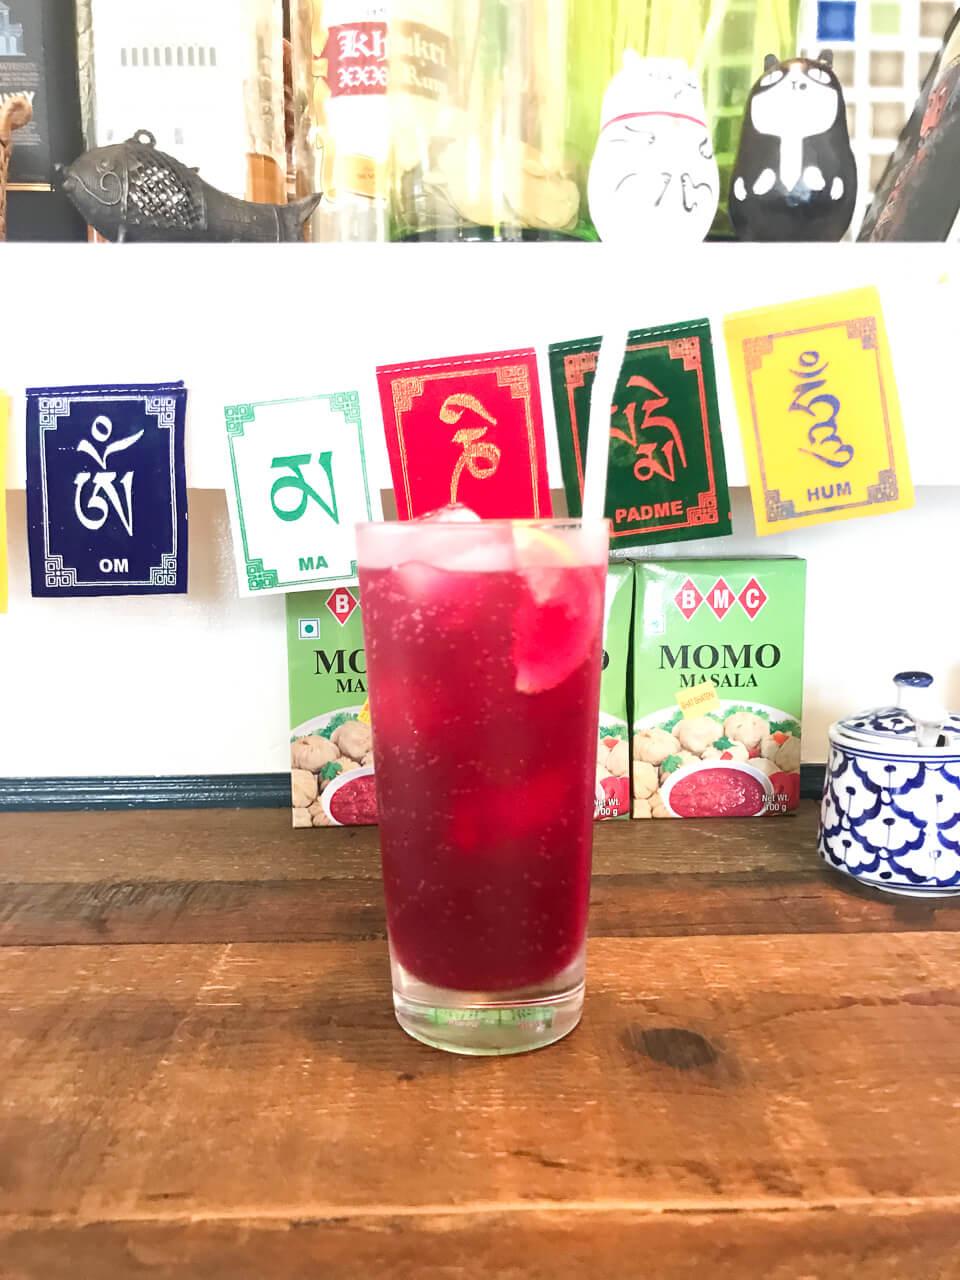 鎌倉のネパール料理ジジコ 赤シソジュース